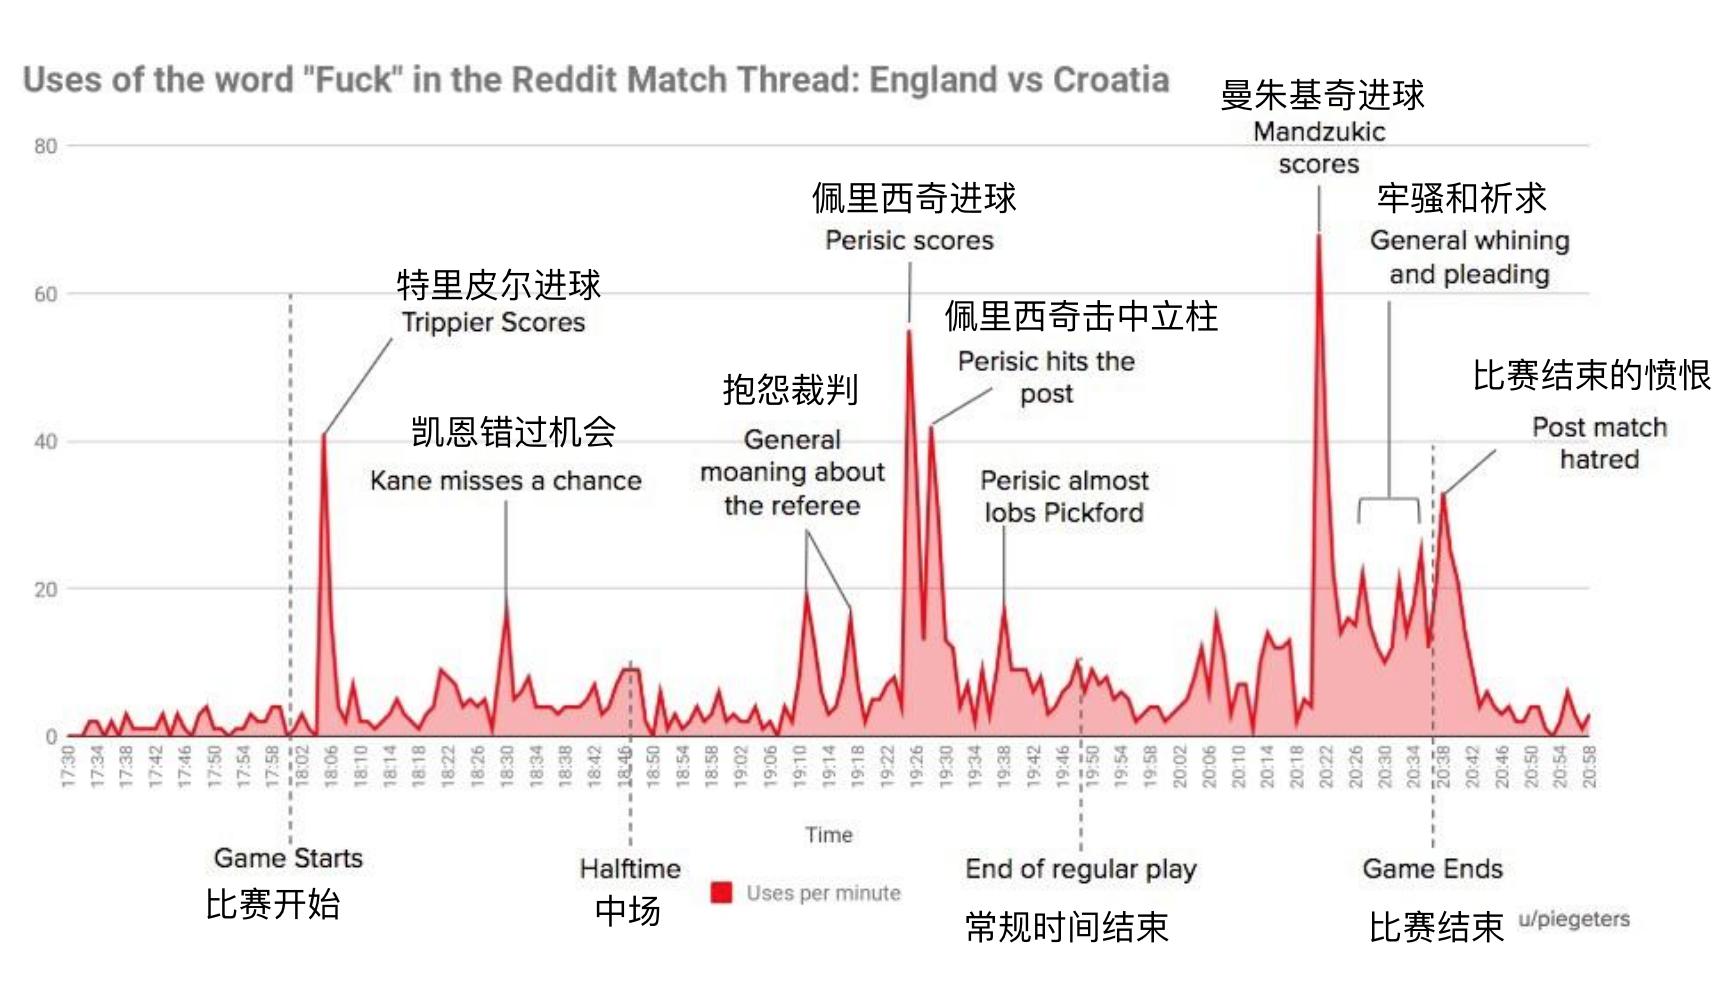 国外网友统计英克大战中脏字使用频率,曼朱基奇进球时最高